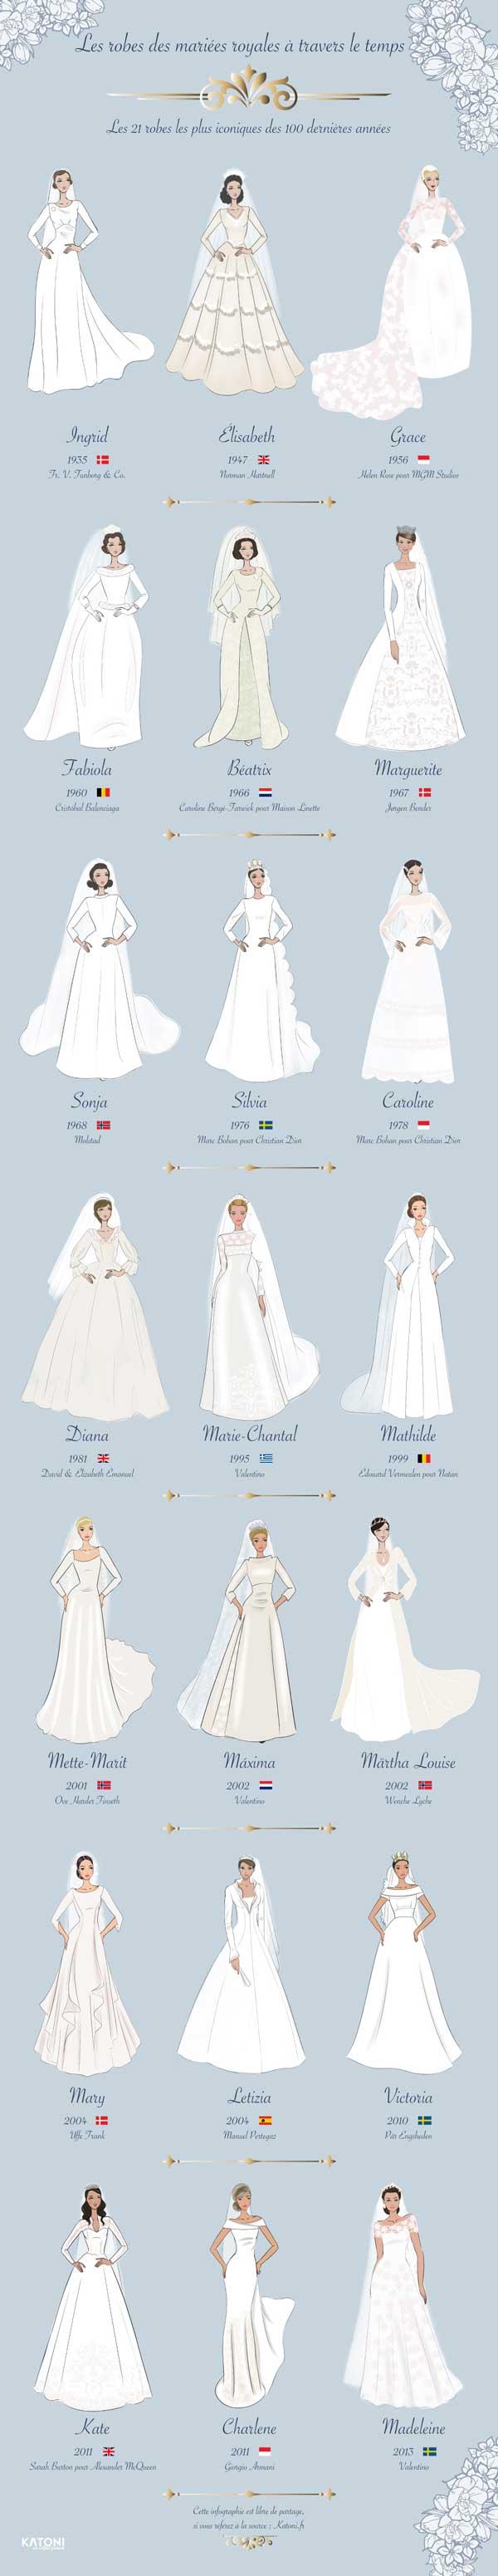 Robes de mariées royales source katoni.fr